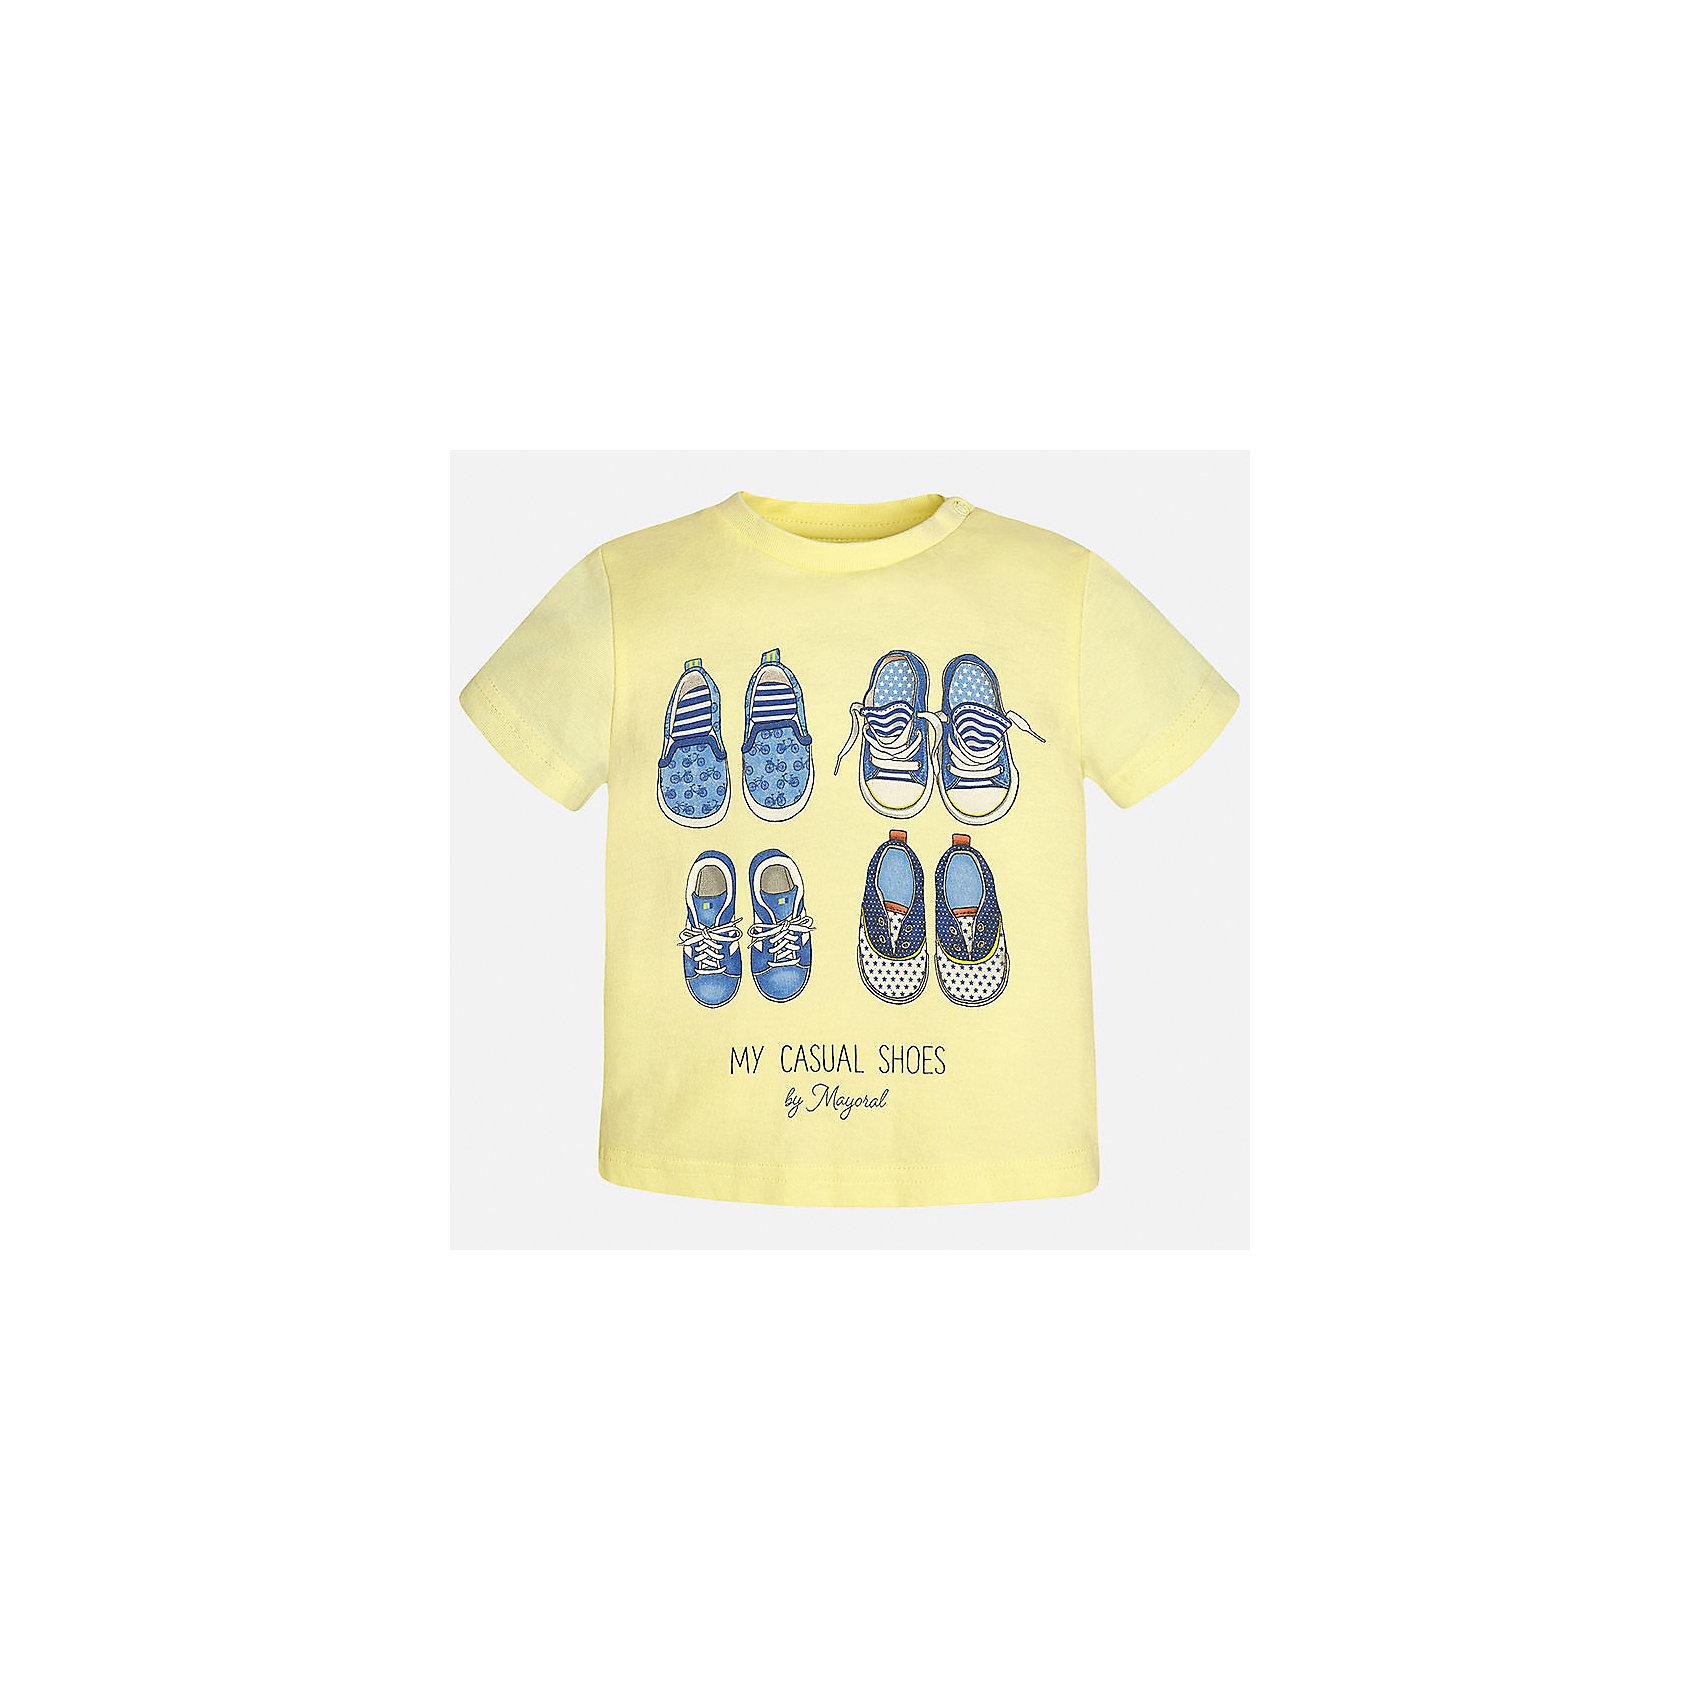 Футболка для мальчика MayoralФутболки, топы<br>Характеристики товара:<br><br>• цвет: желтый<br>• состав: 100% хлопок<br>• круглый горловой вырез<br>• декорирована принтом<br>• короткие рукава<br>• мягкая отделка горловины<br>• страна бренда: Испания<br><br>Стильная удобная футболка с принтом поможет разнообразить гардероб мальчика. Она отлично сочетается с брюками, шортами, джинсами. Универсальный крой и цвет позволяет подобрать к вещи низ разных расцветок. Практичное и стильное изделие! Хорошо смотрится и комфортно сидит на детях. В составе материала - натуральный хлопок, гипоаллергенный, приятный на ощупь, дышащий. <br><br>Одежда, обувь и аксессуары от испанского бренда Mayoral полюбились детям и взрослым по всему миру. Модели этой марки - стильные и удобные. Для их производства используются только безопасные, качественные материалы и фурнитура. Порадуйте ребенка модными и красивыми вещами от Mayoral! <br><br>Футболку для мальчика от испанского бренда Mayoral (Майорал) можно купить в нашем интернет-магазине.<br><br>Ширина мм: 199<br>Глубина мм: 10<br>Высота мм: 161<br>Вес г: 151<br>Цвет: оранжевый<br>Возраст от месяцев: 12<br>Возраст до месяцев: 15<br>Пол: Мужской<br>Возраст: Детский<br>Размер: 92,86,80<br>SKU: 5278405